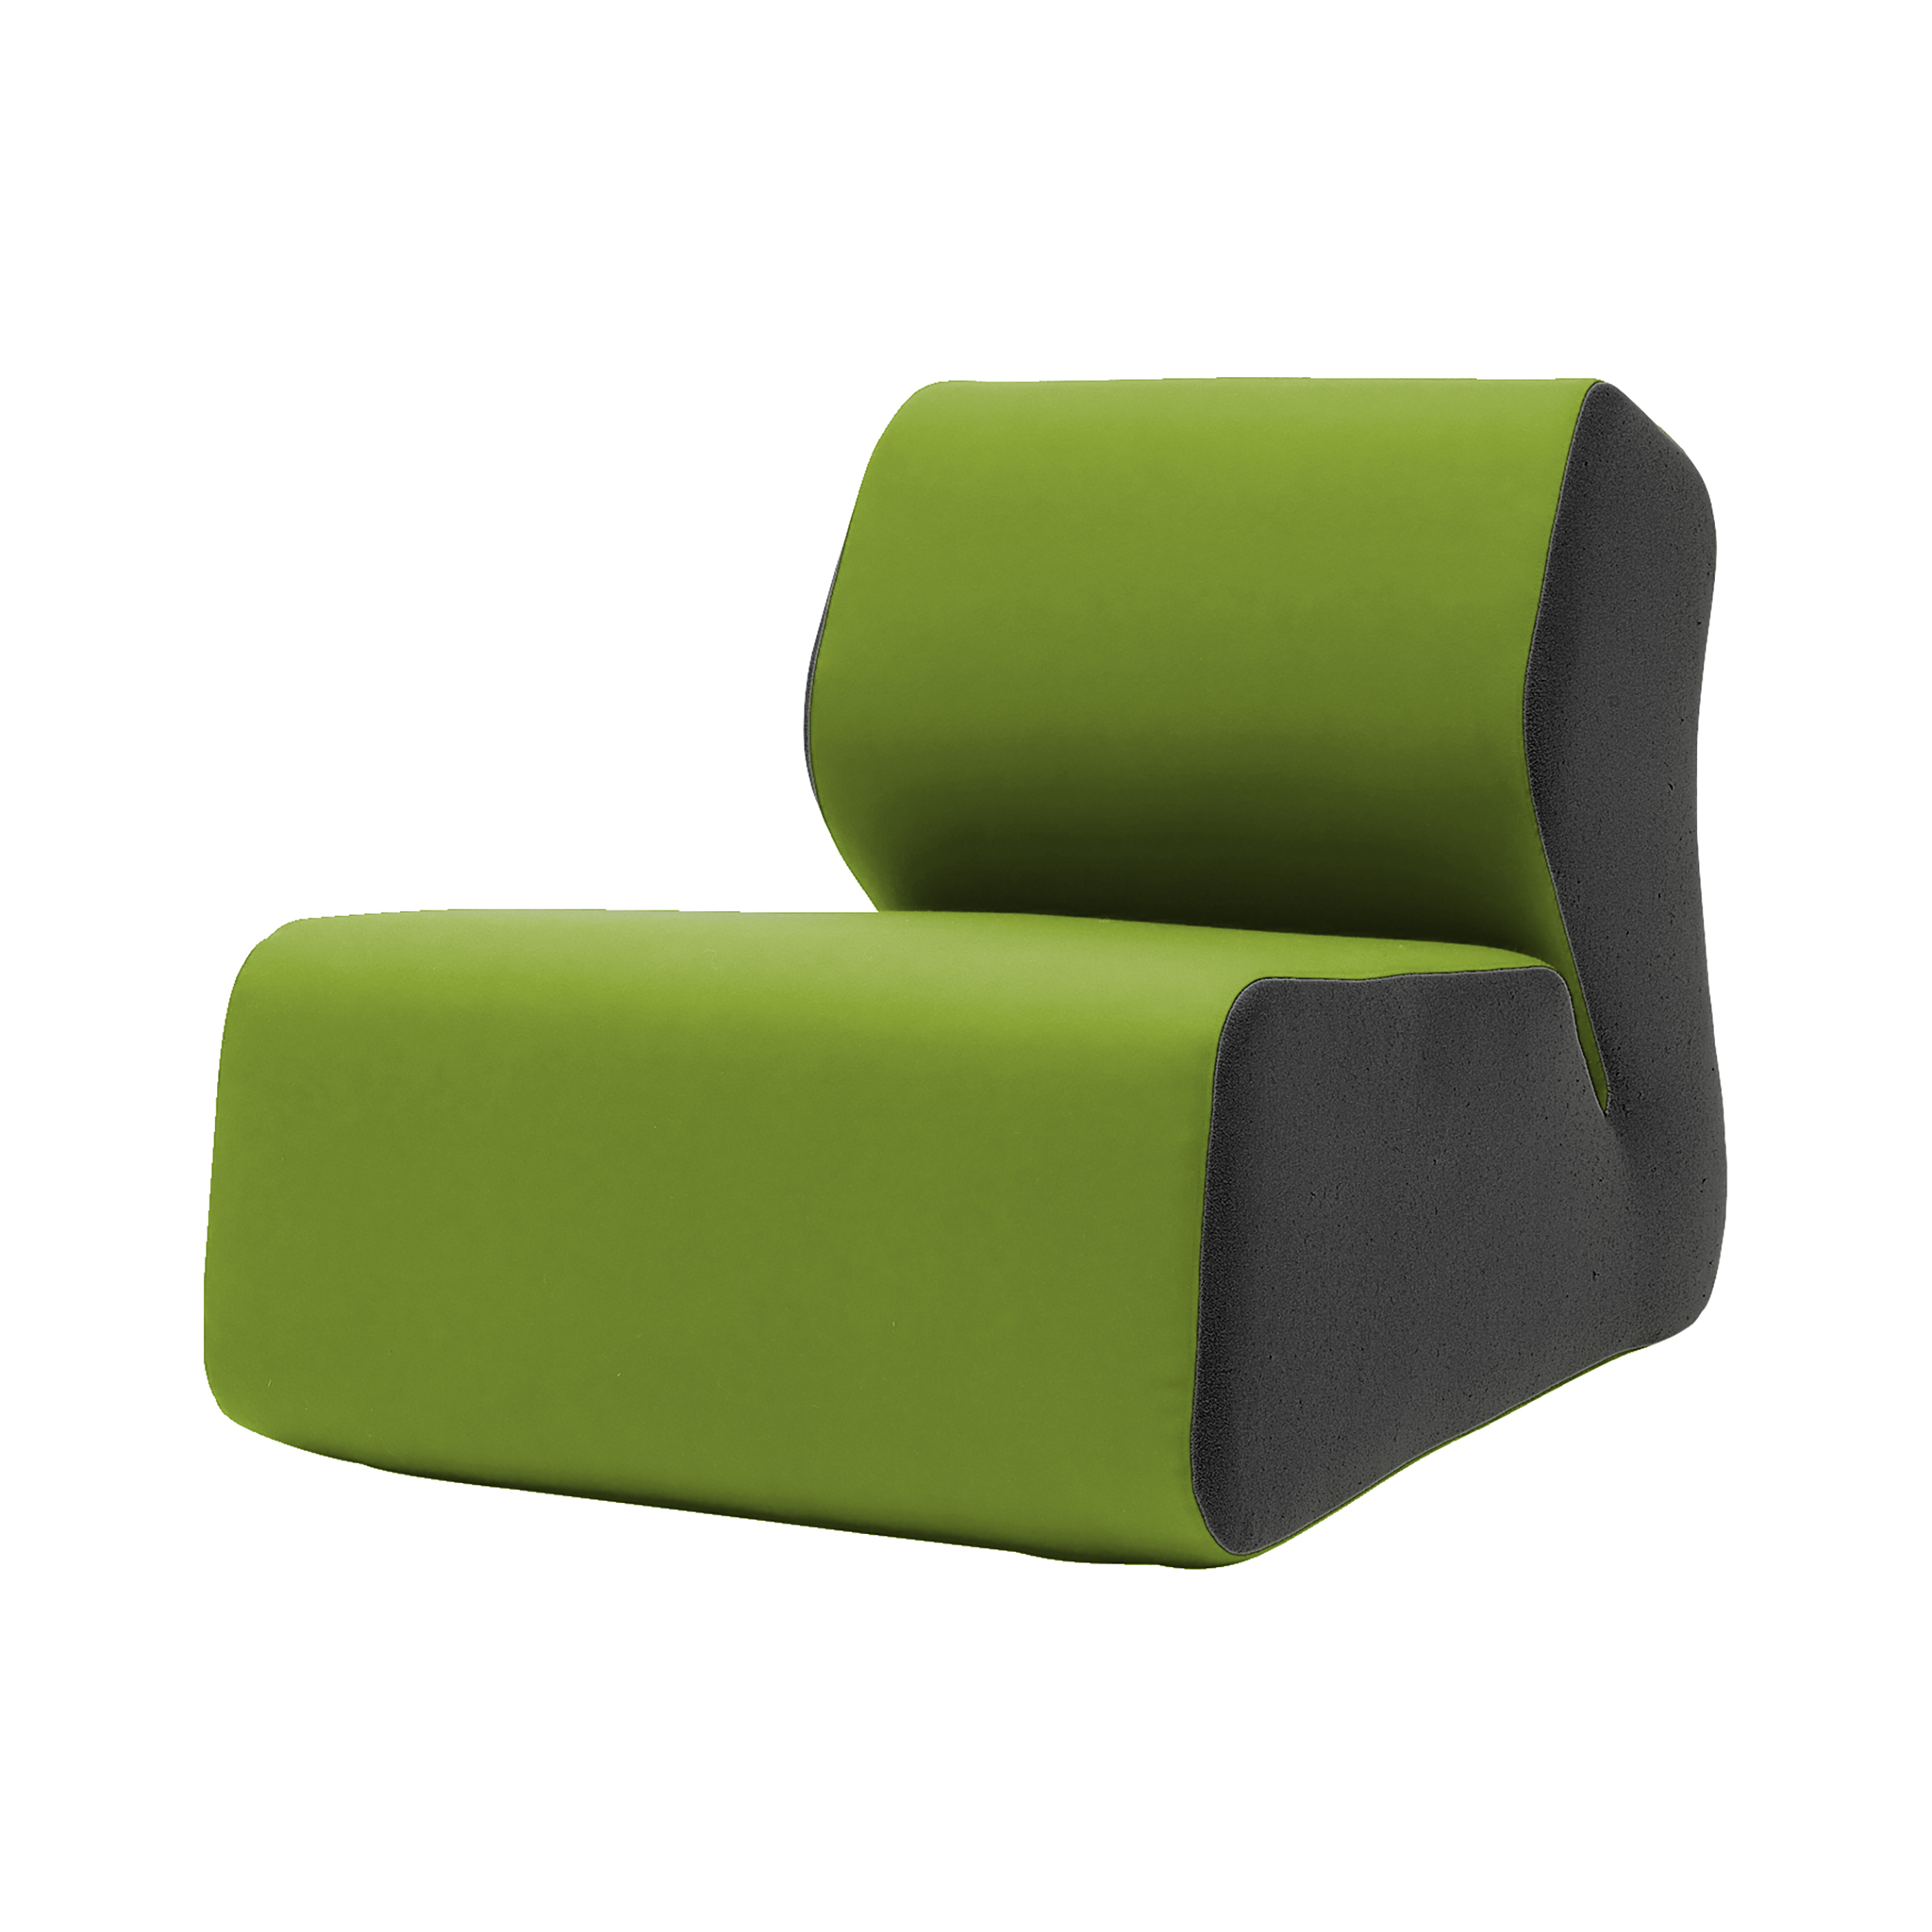 Кресло HugoИнтерьерные<br>Кресло Hugo представляет собой монолитный корпус, благодаря чему выглядит очень уютно и тепло. Дизайнеры сделали его очень лаконичным, но в то же время превратили в комфортное и полноценное место для вашего отдыха. Кроме того, несмотря на минималистичный дизайн кресло имеет стильную форму, благодаря чему может украсить обстановку комнаты и привнести в нее свой особый стиль и шарм.<br><br><br> Кресло Hugo имеет приятную на ощупь фактурную обивку из прочной высококачественной войлочной ткани. Это ...<br><br>stock: 0<br>Высота: 78<br>Высота сиденья: 40<br>Ширина: 86<br>Глубина: 108<br>Материал обивки: Шерсть, Полиамид<br>Цвет обивки дополнительный: Черный<br>Коллекция ткани: Felt<br>Тип материала обивки: Ткань<br>Цвет обивки: Зеленый